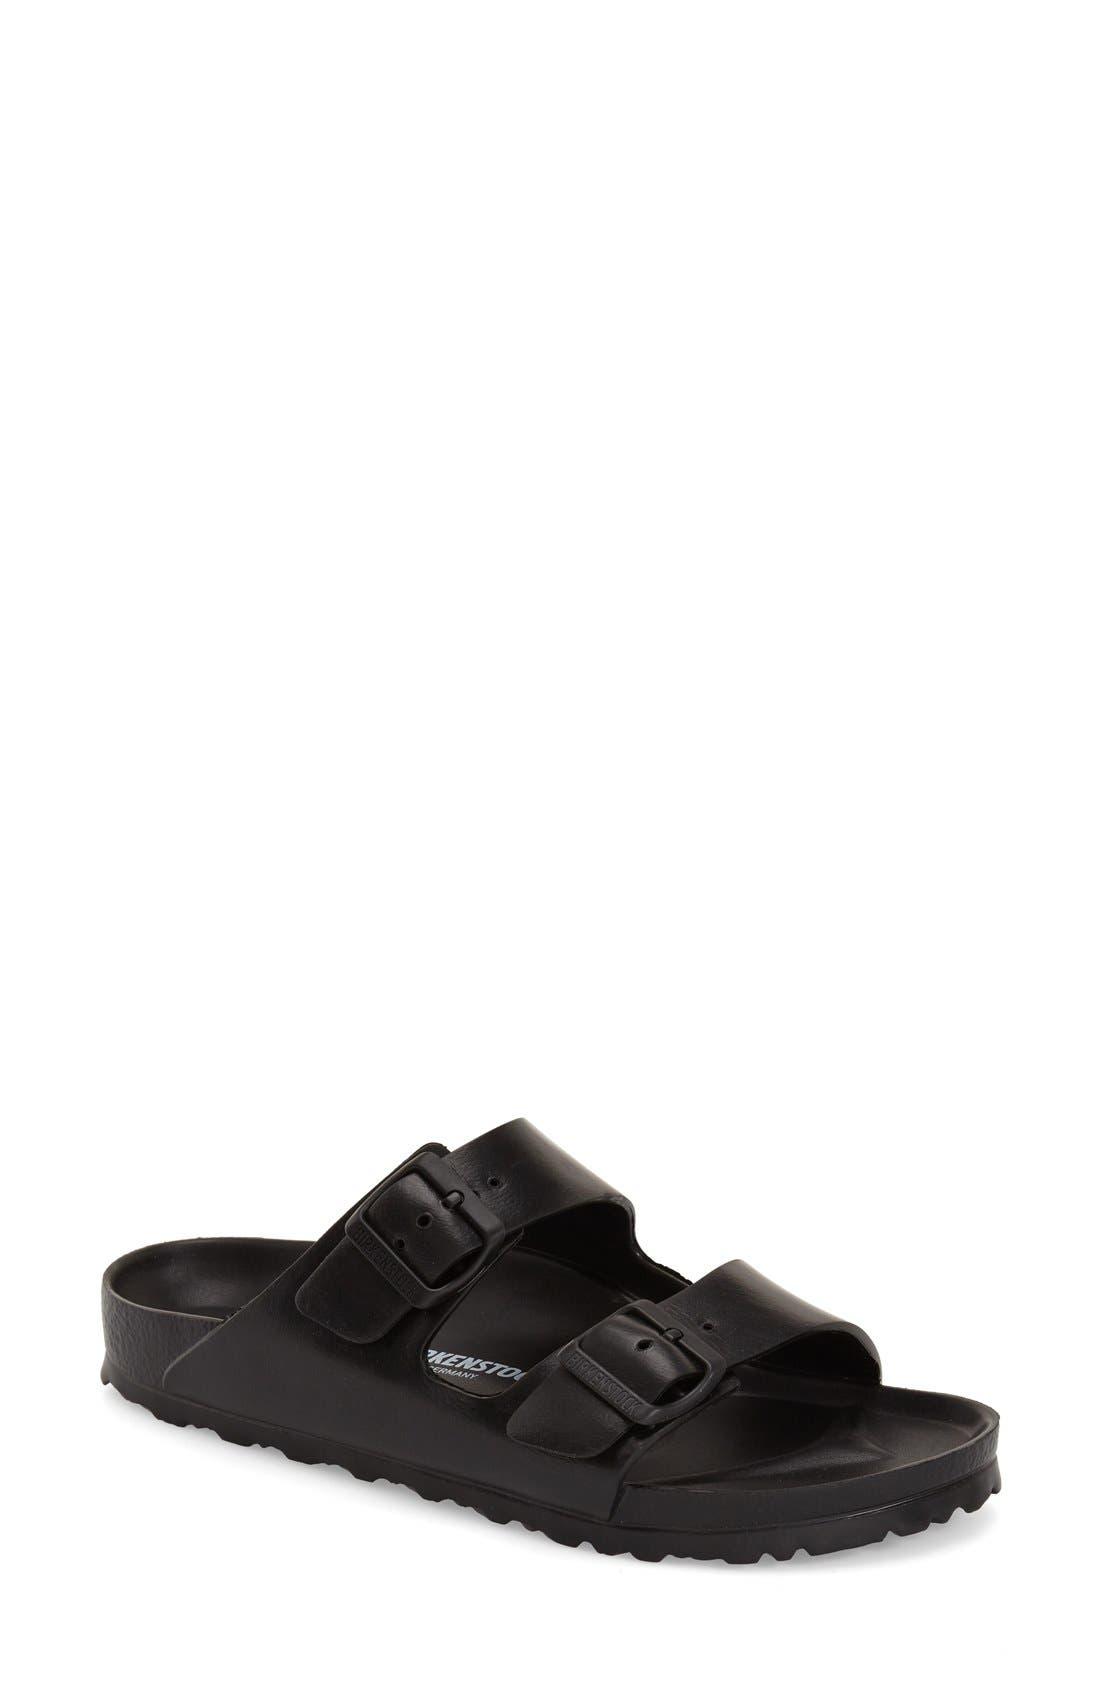 Alternate Image 1 Selected - Birkenstock Essentials - Arizona Slide Sandal (Women) (Nordstrom Exclusive)